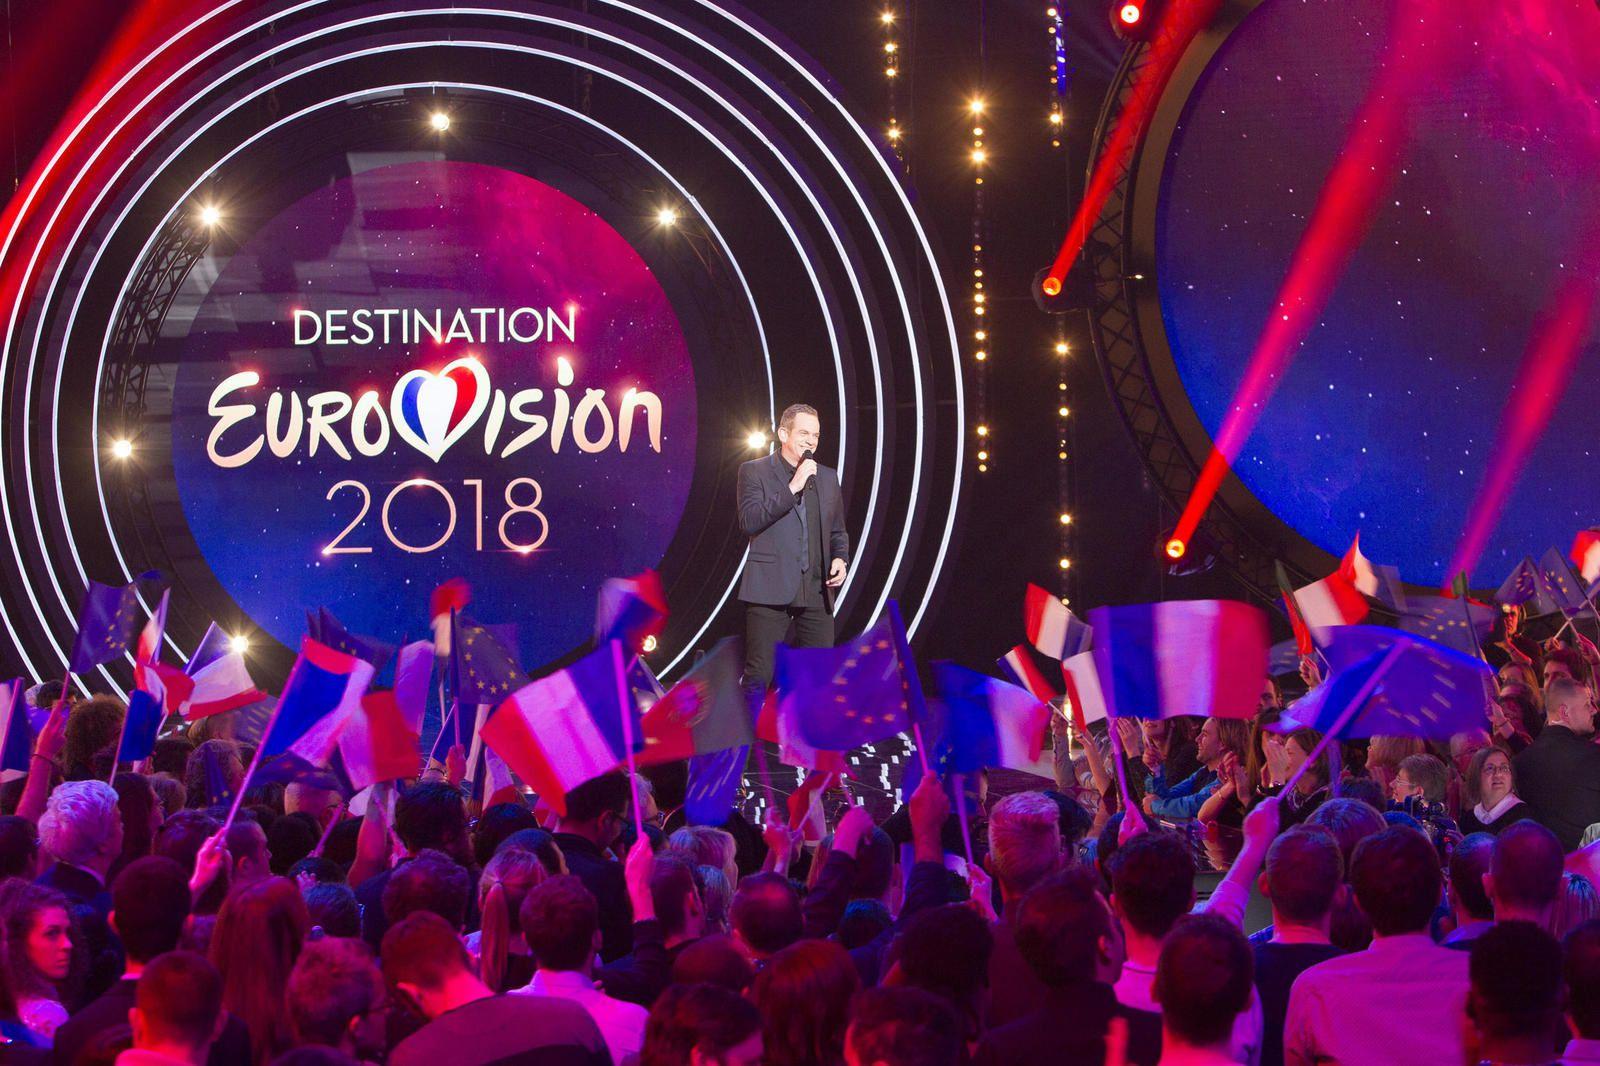 Finale de Destination Eurovision ce samedi : découvrez les 8 duos et les 10 membres du jury international.